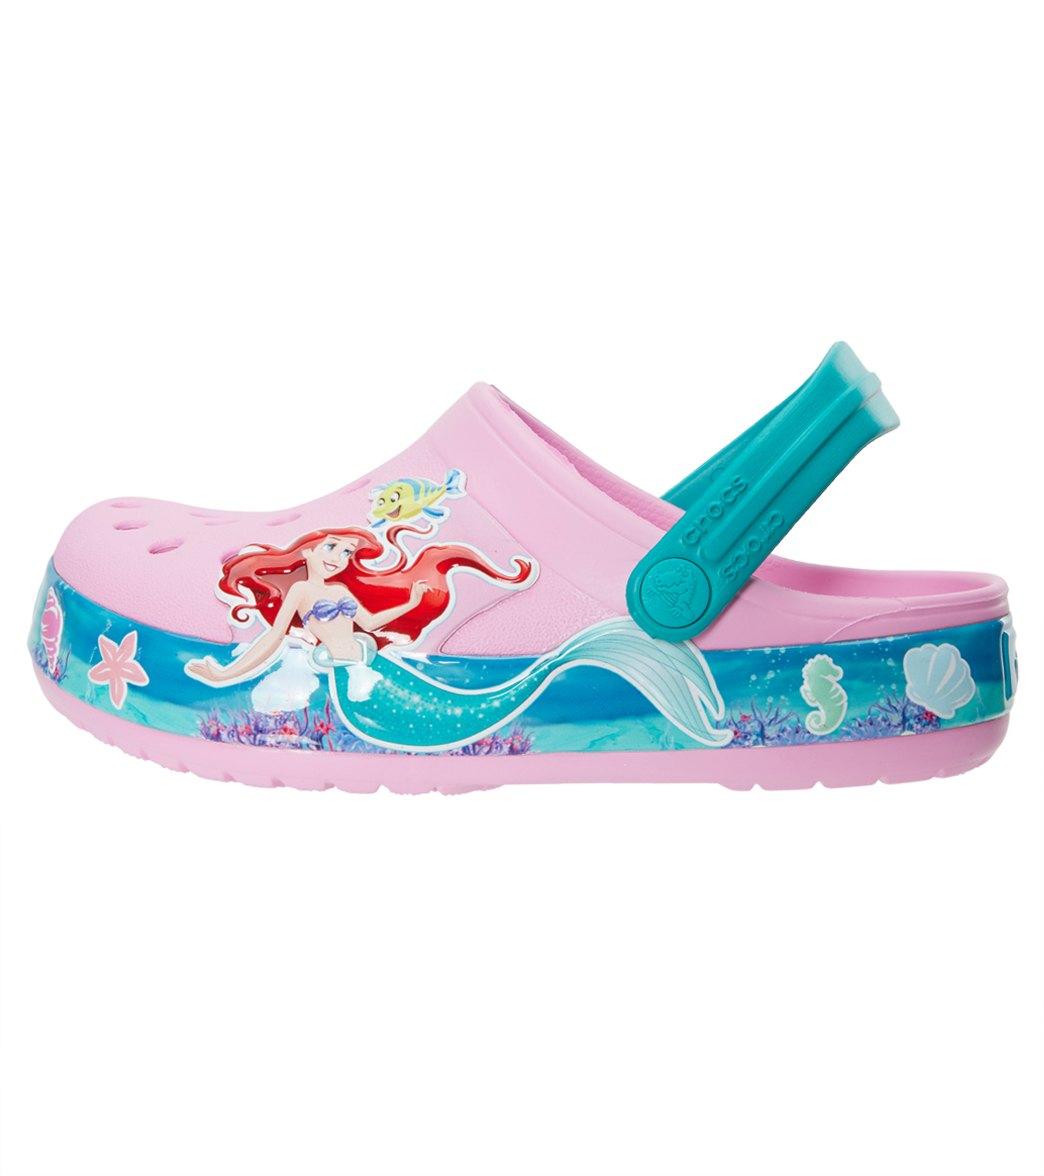 168a3c38c428 Crocs Kids  Crocband™ Princess Ariel™ Clogs (Toddler